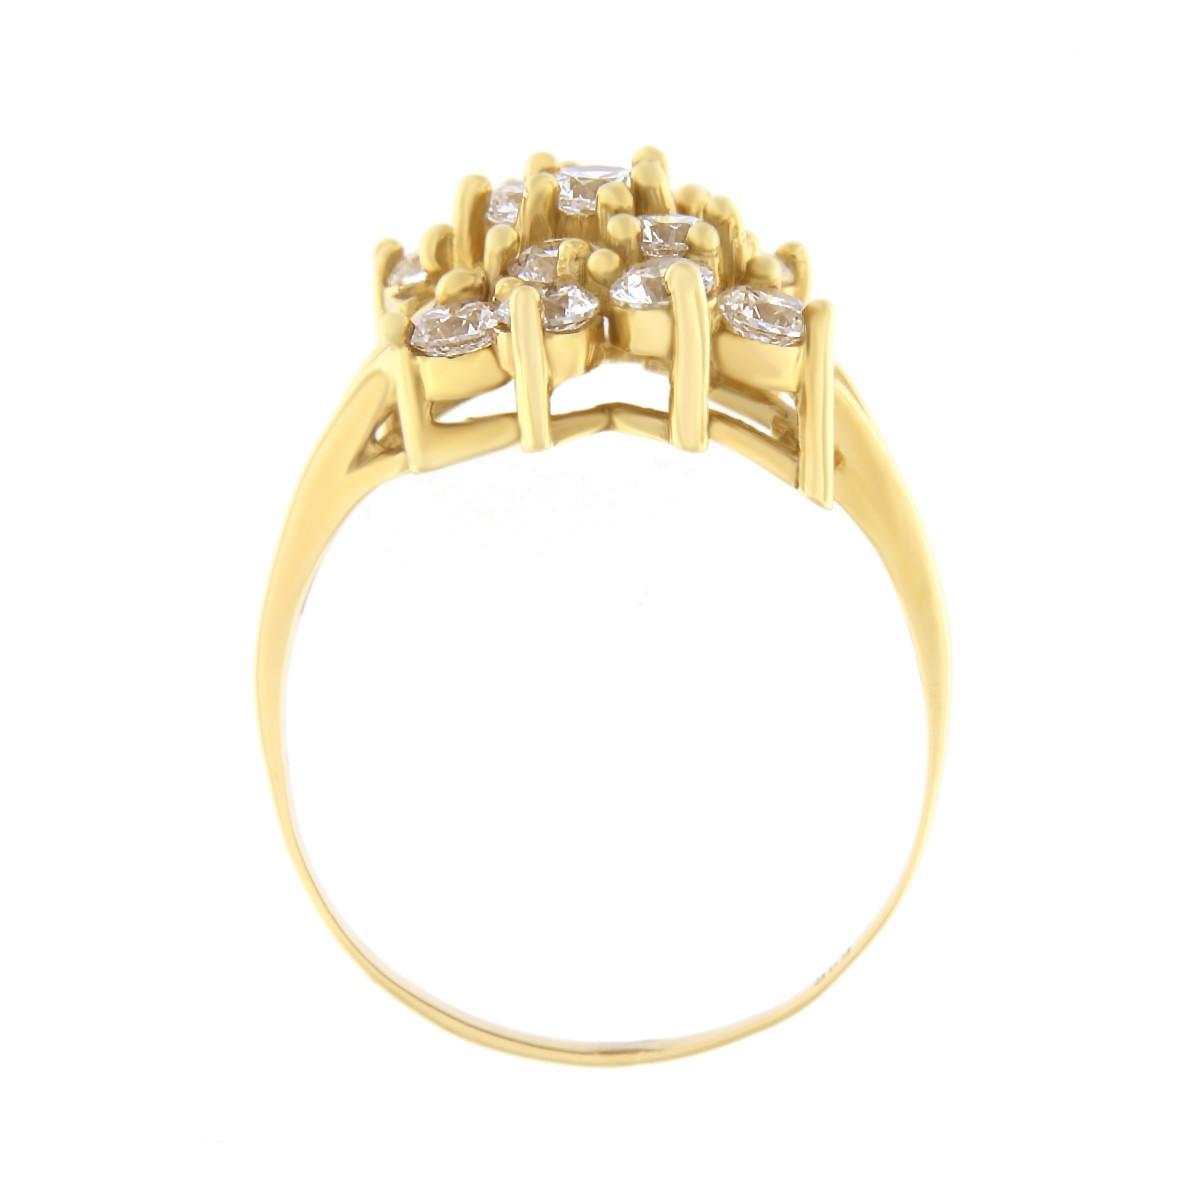 Kullast sõrmus tsirkoonidega Kood: 461wp065, 460wp065 külg